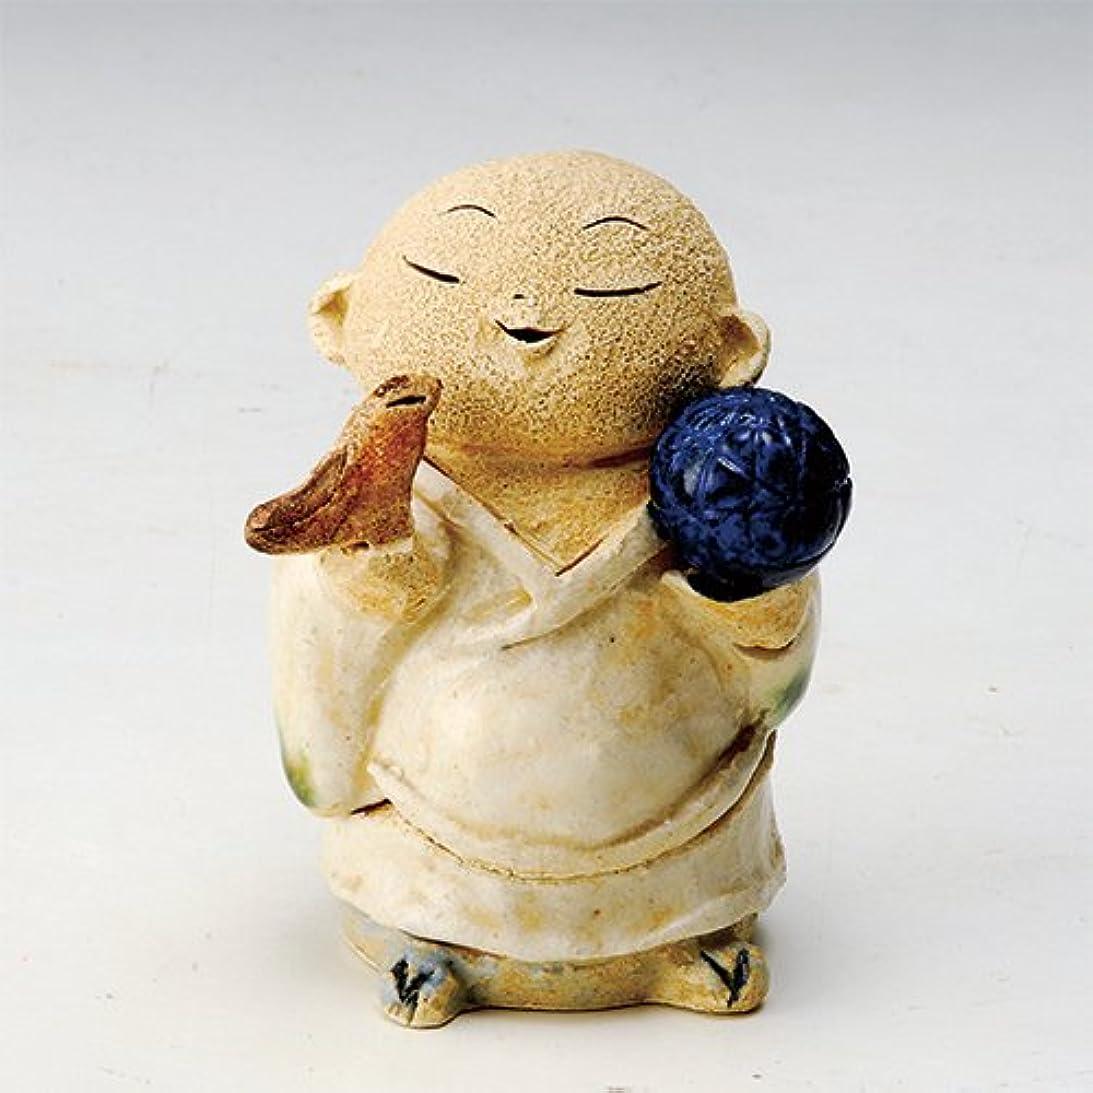 和司書意図するお地蔵様 香炉シリーズ 鳥と毬地蔵 香炉(小) [H10cm] HANDMADE プレゼント ギフト 和食器 かわいい インテリア